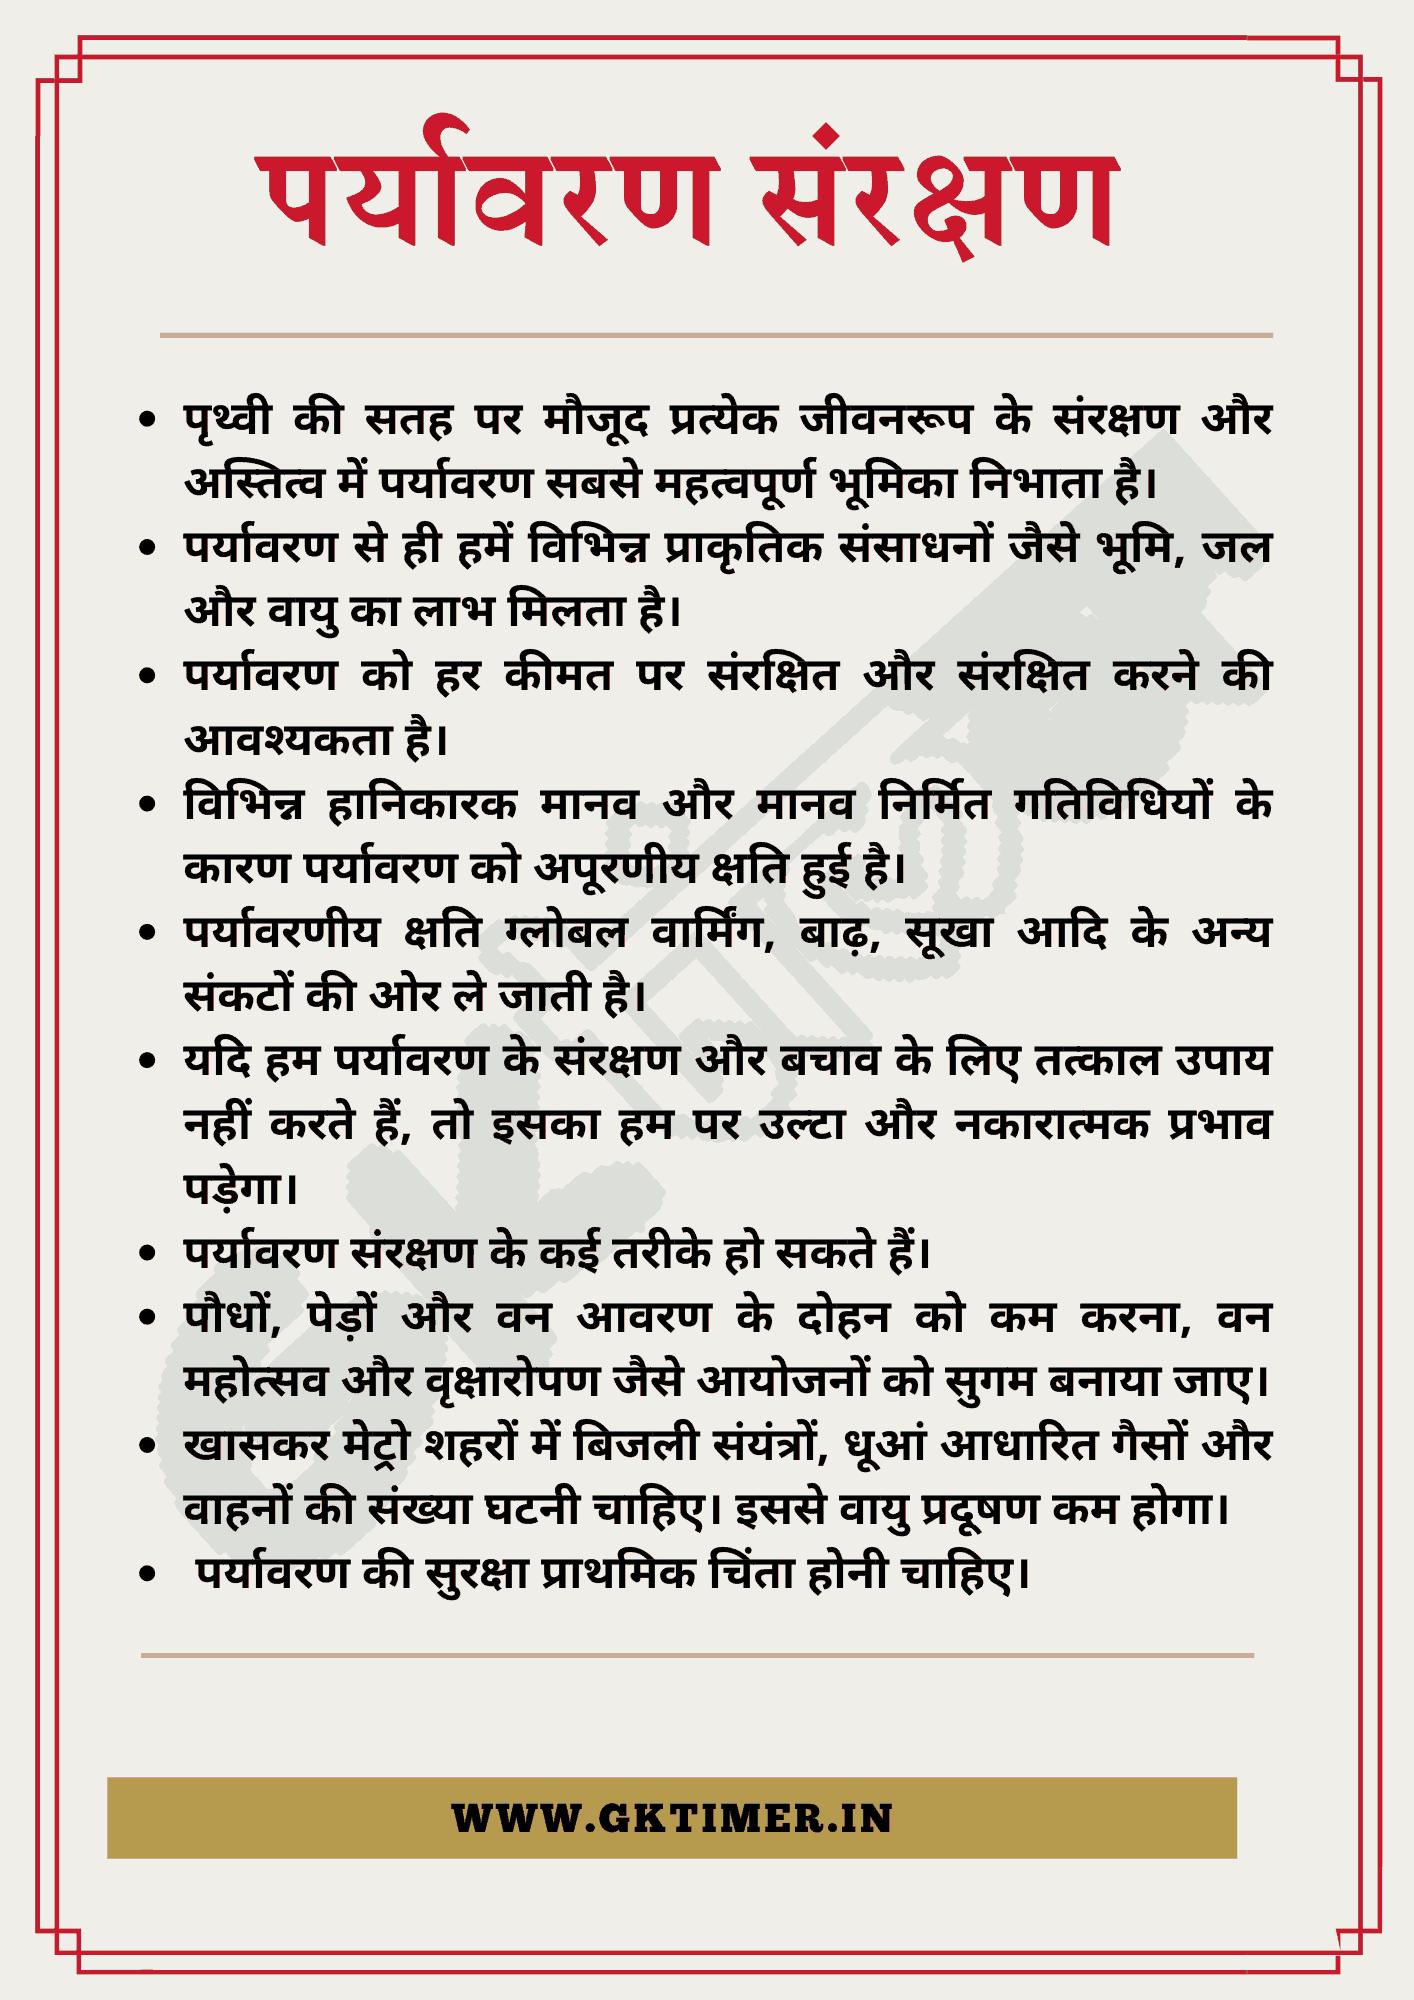 पर्यावरण संरक्षण पर निबंध | Essay on Environmental Protection in Hindi | 10 Lines on Environmental Protection in Hindi